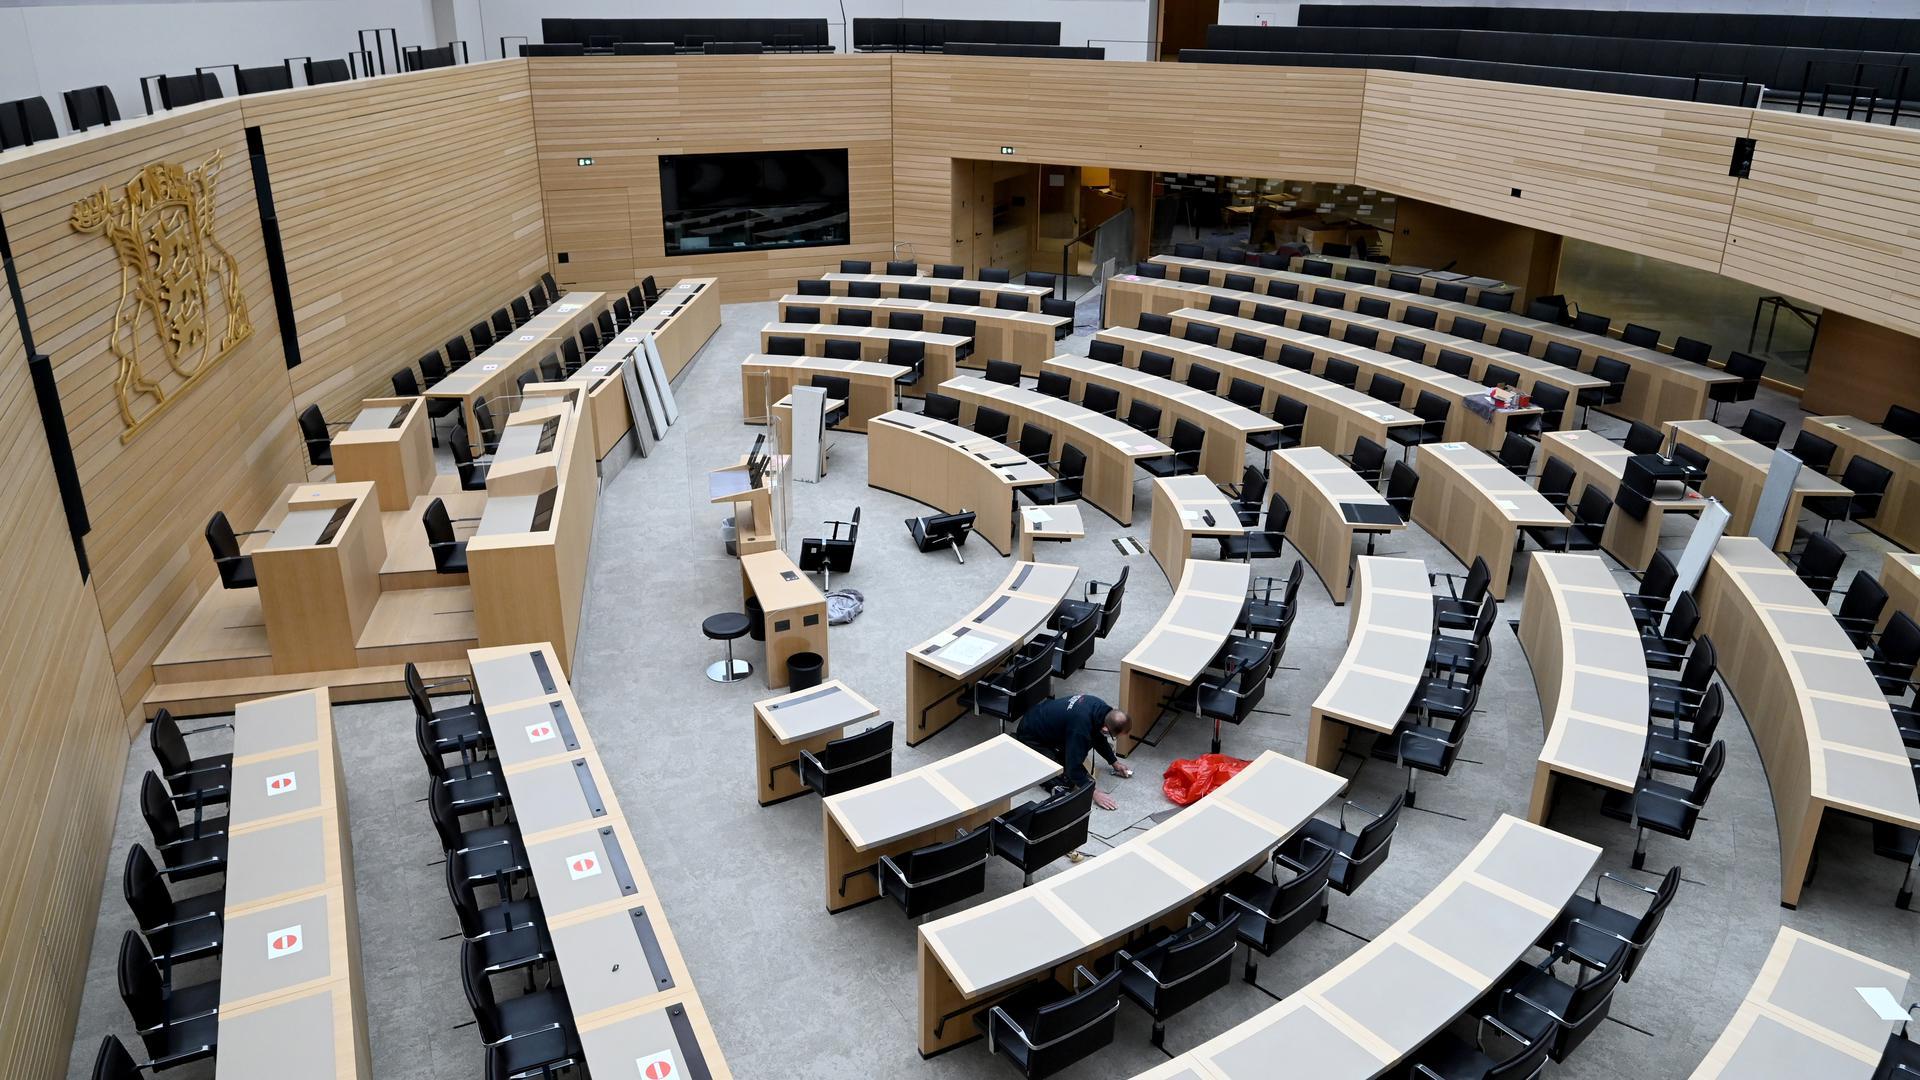 Es wird umgebaut: Im Plenarsaal im Landtag ändert sich in den Sitzreihen einiges. Diesen Dienstag versammeln sich die Abgeordneten zur konstituierenden Sitzung. Wechsel gibt es auch im Kabinett.